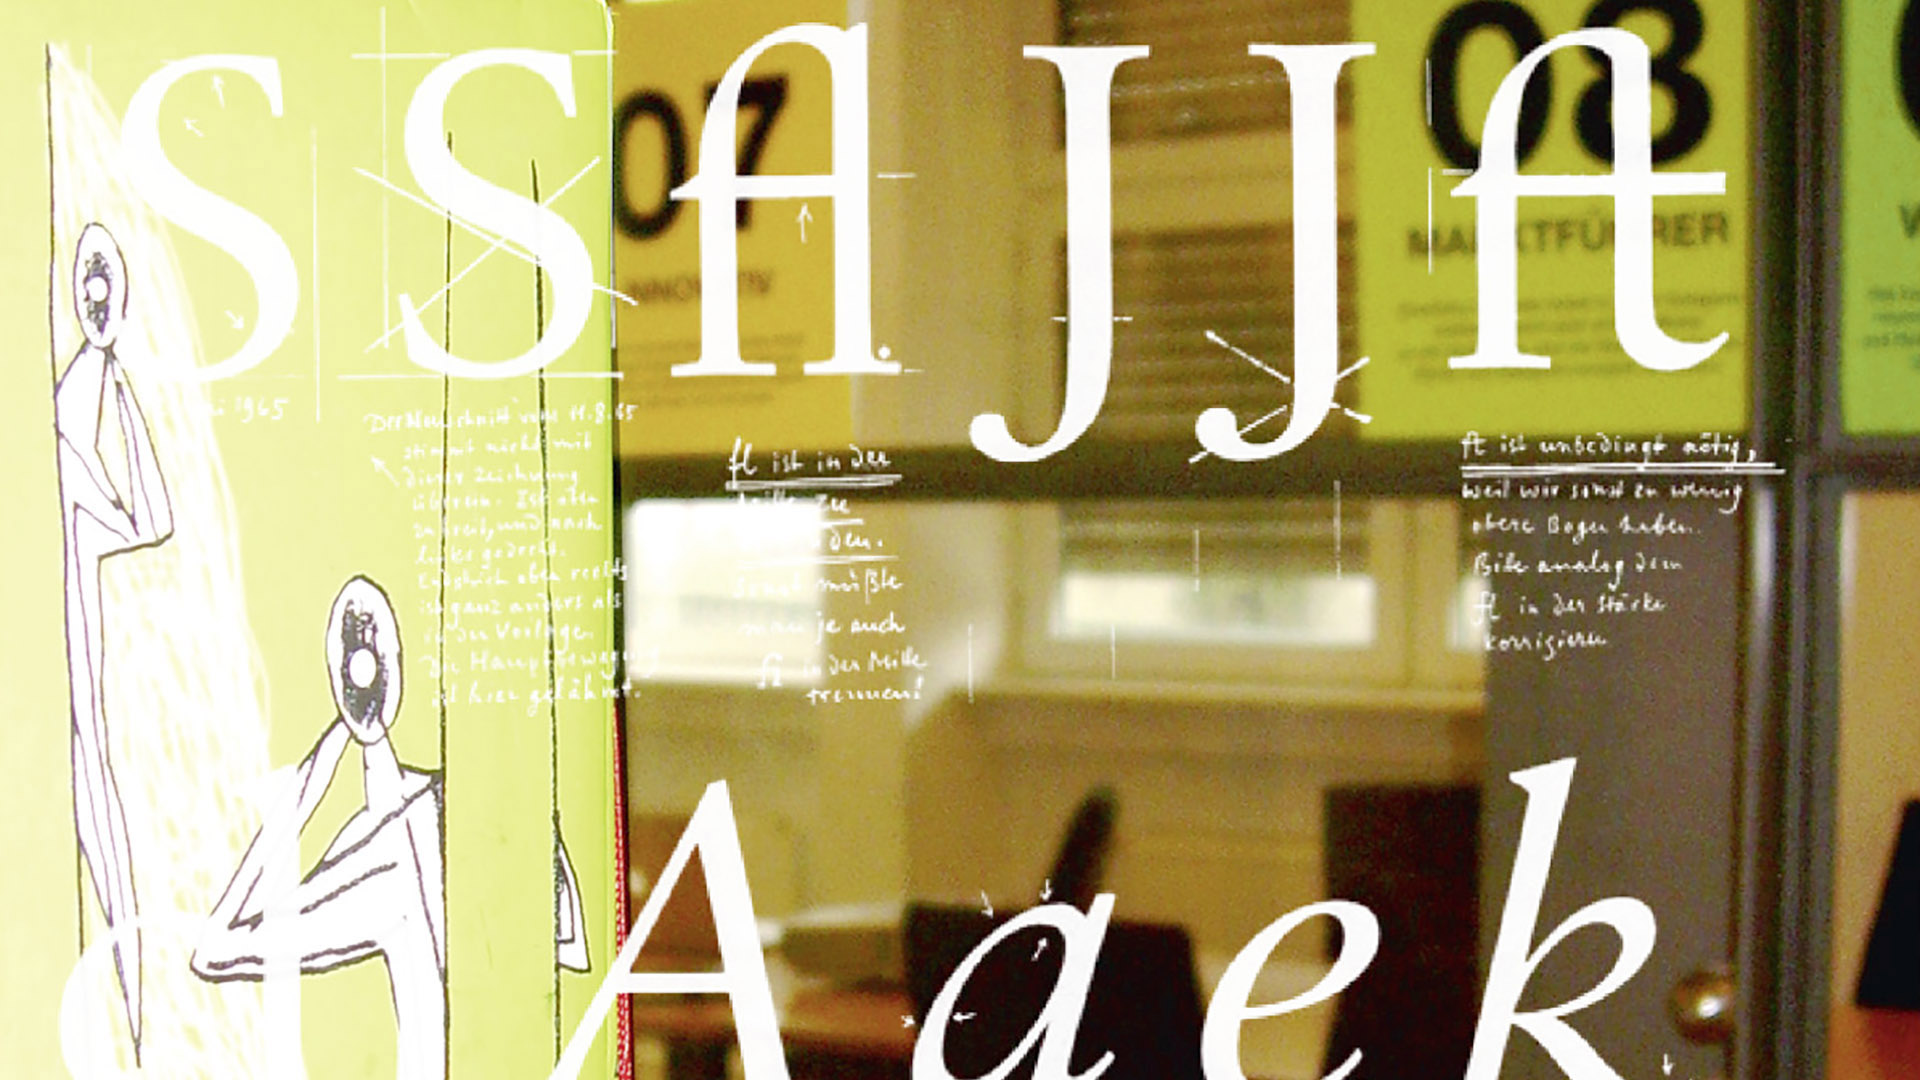 Glasbedruckung Typografie Seminarraum